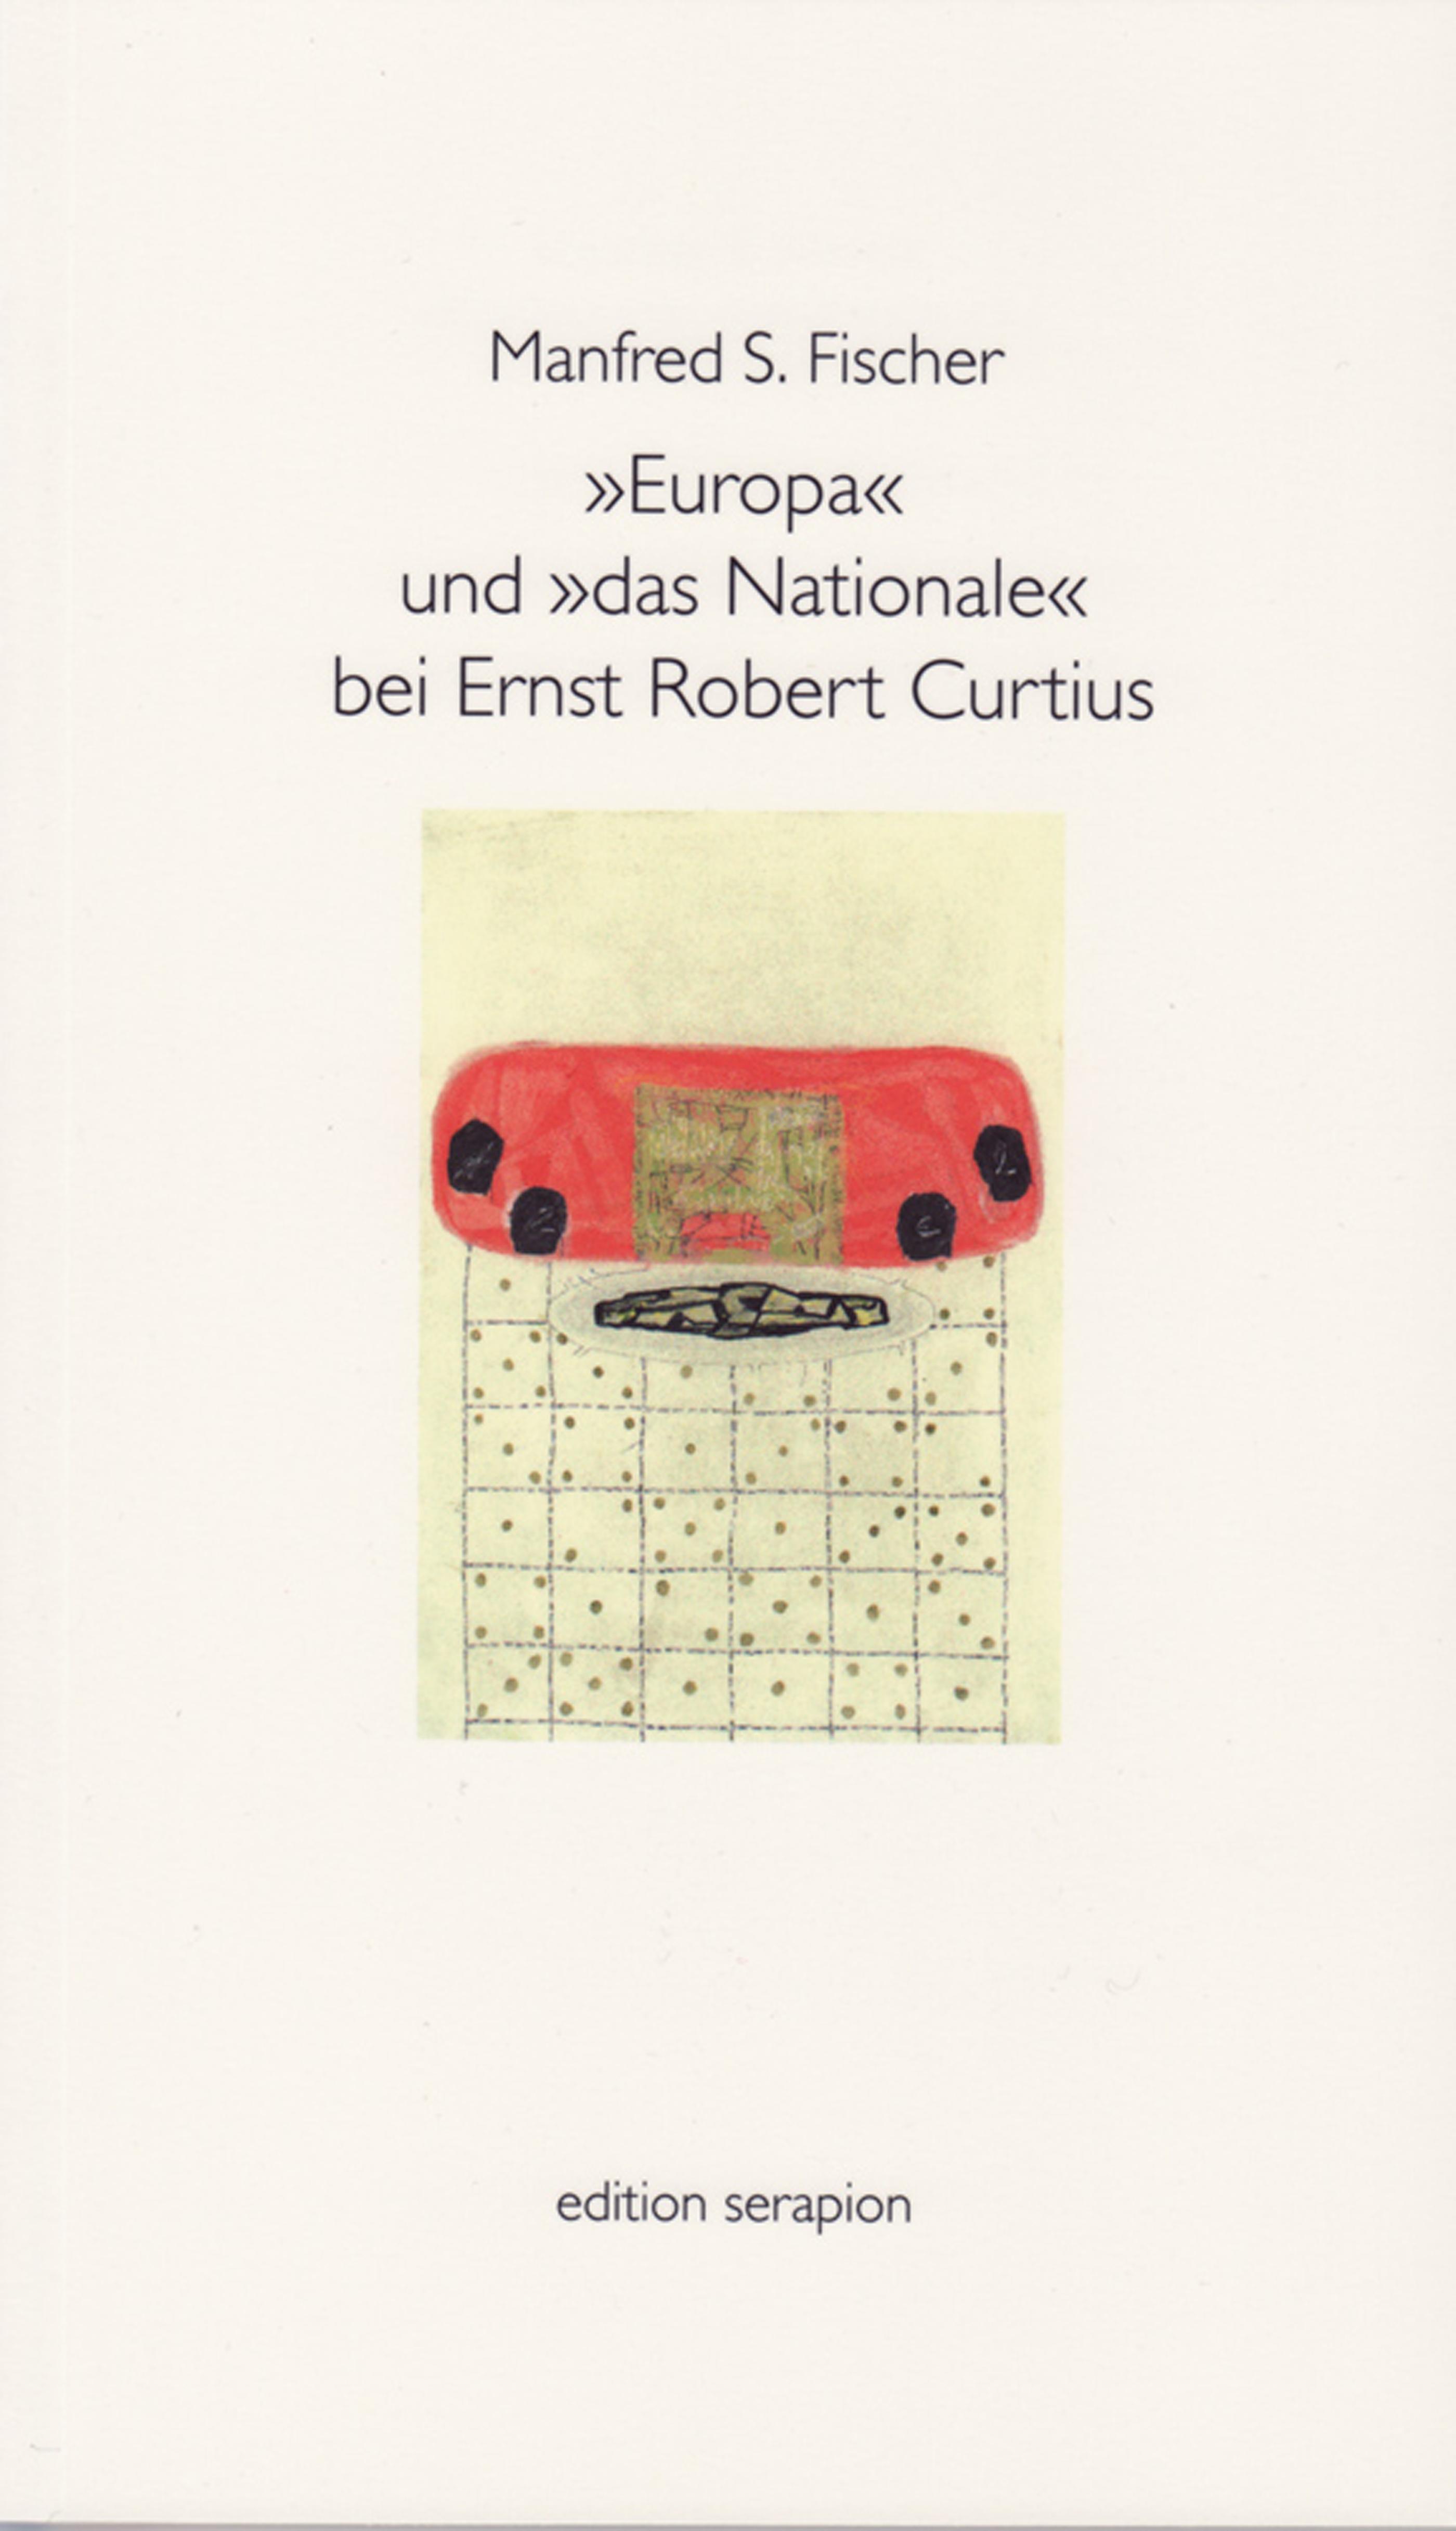 Manfred S. Fischer Europa und das Nationale bei Ernst Robert Curtius a juncker das gebet bei paulus